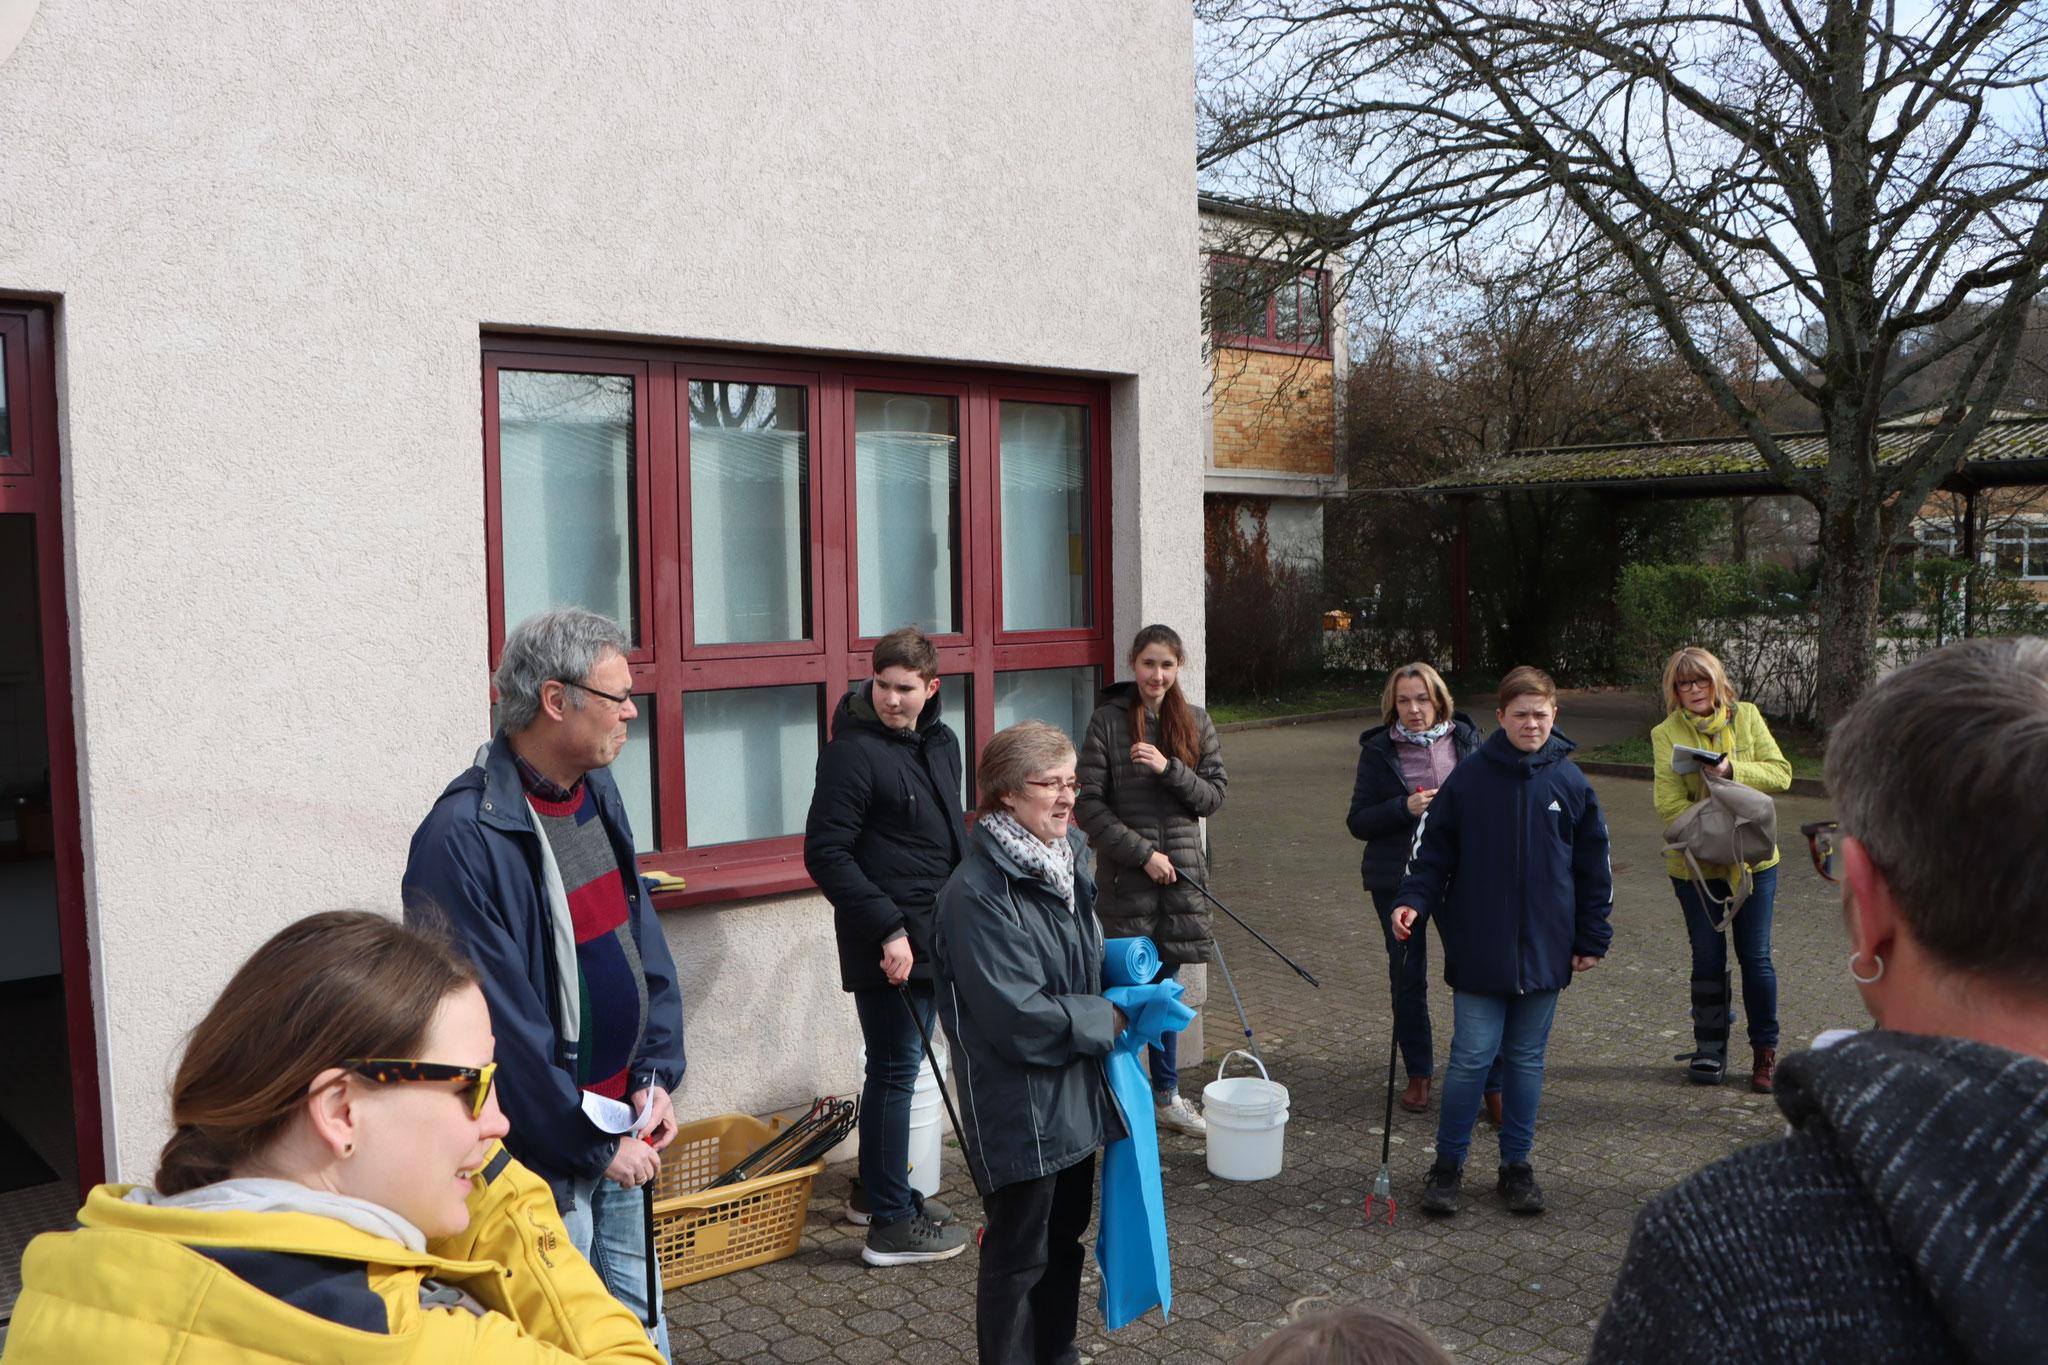 Begrüßung und Einteilung in Gruppen (Foto: B. Budig)